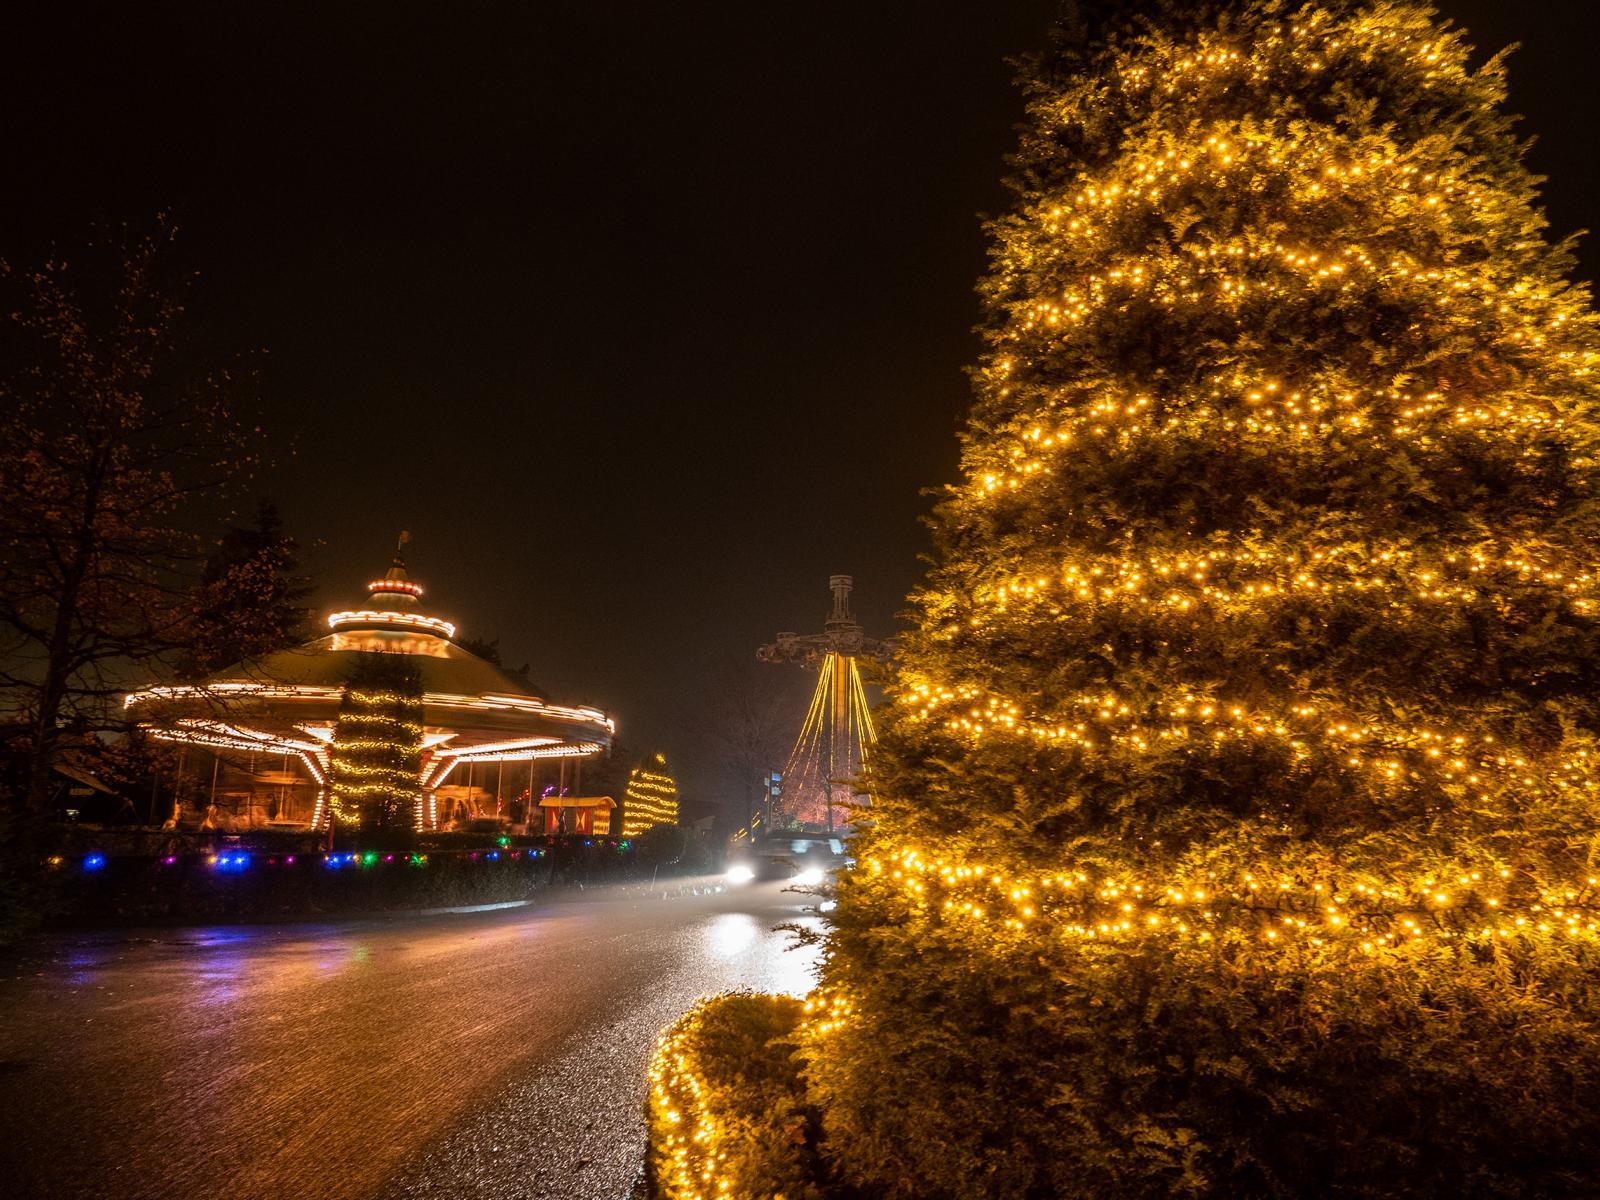 """""""Winter Wunderland Drive-In"""" – Der Auto-Weihnachtsmarkt in Kalkar bleibt geöffnet – auch an den Januarwochenenden"""